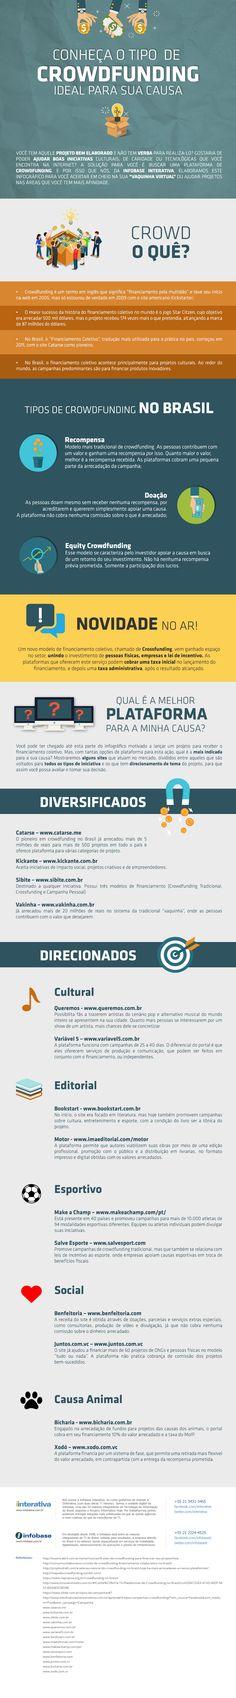 Infográfico – Conheça o tipo de crowdfunding ideal para a sua causa http://www.iinterativa.com.br/infografico-conheca-tipo-de-crowdfunding-ideal-para-sua-causa/